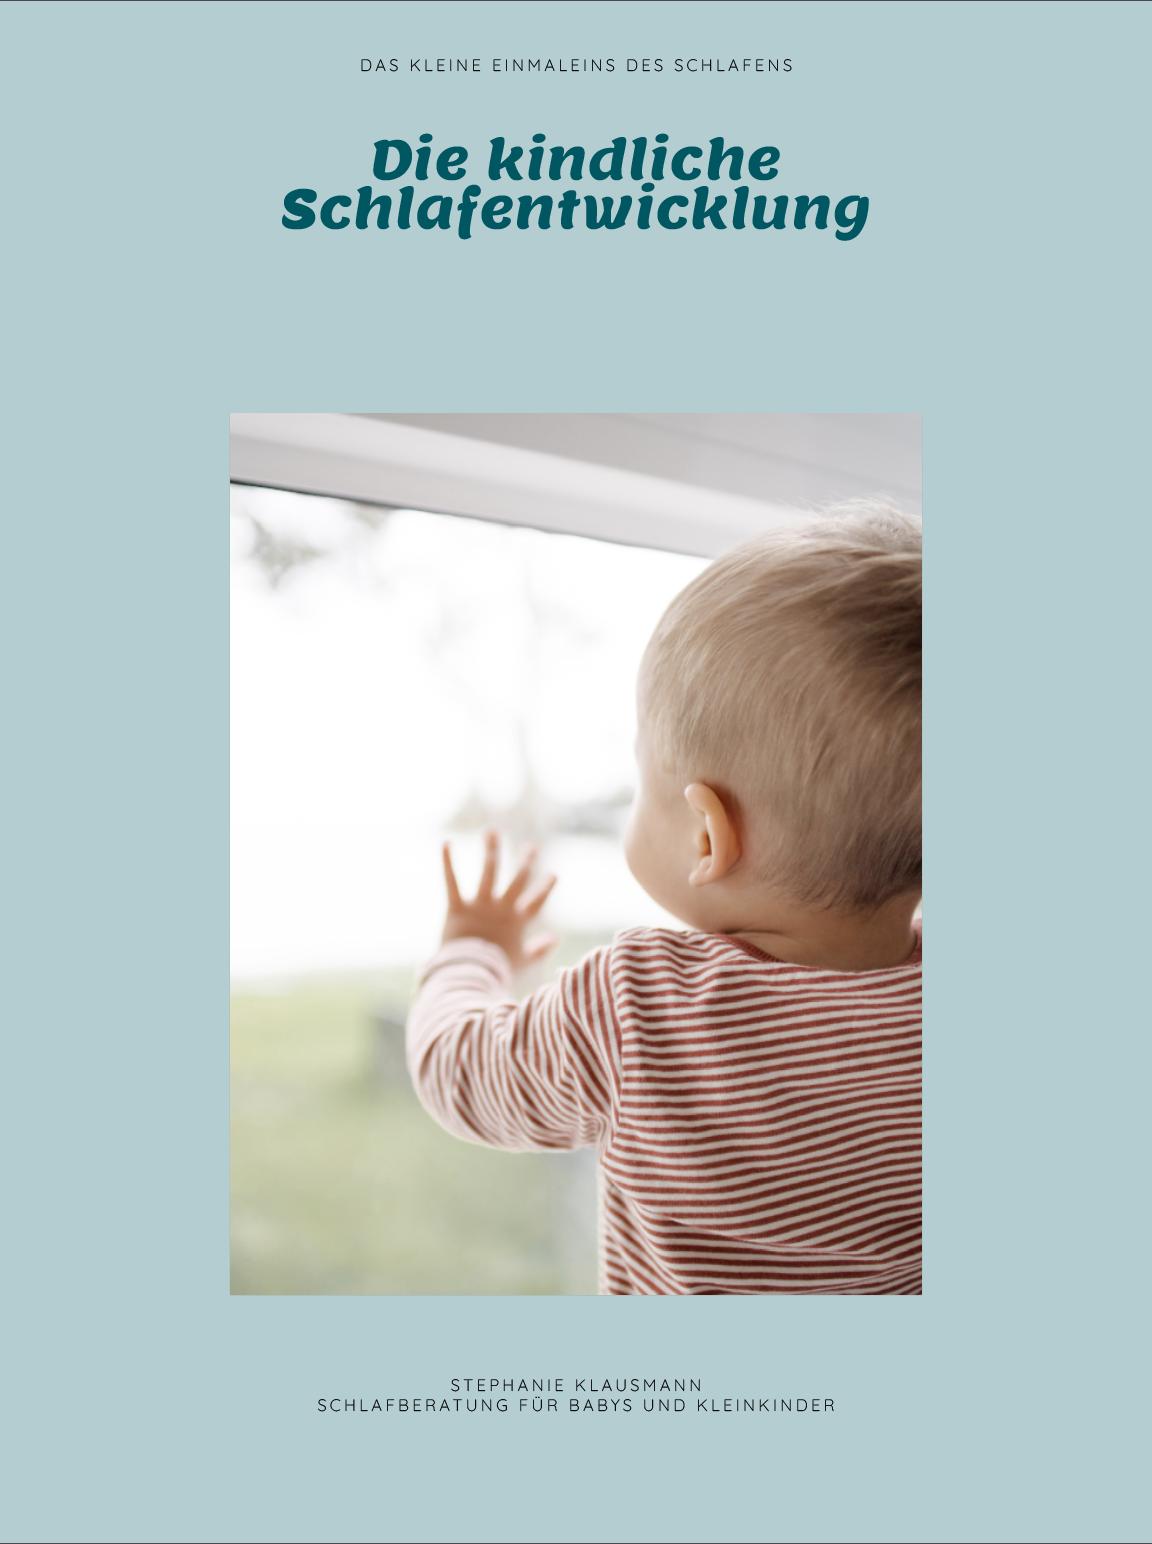 E-Book über die kindliche Schlafentwicklung von Stephanie Klausmann